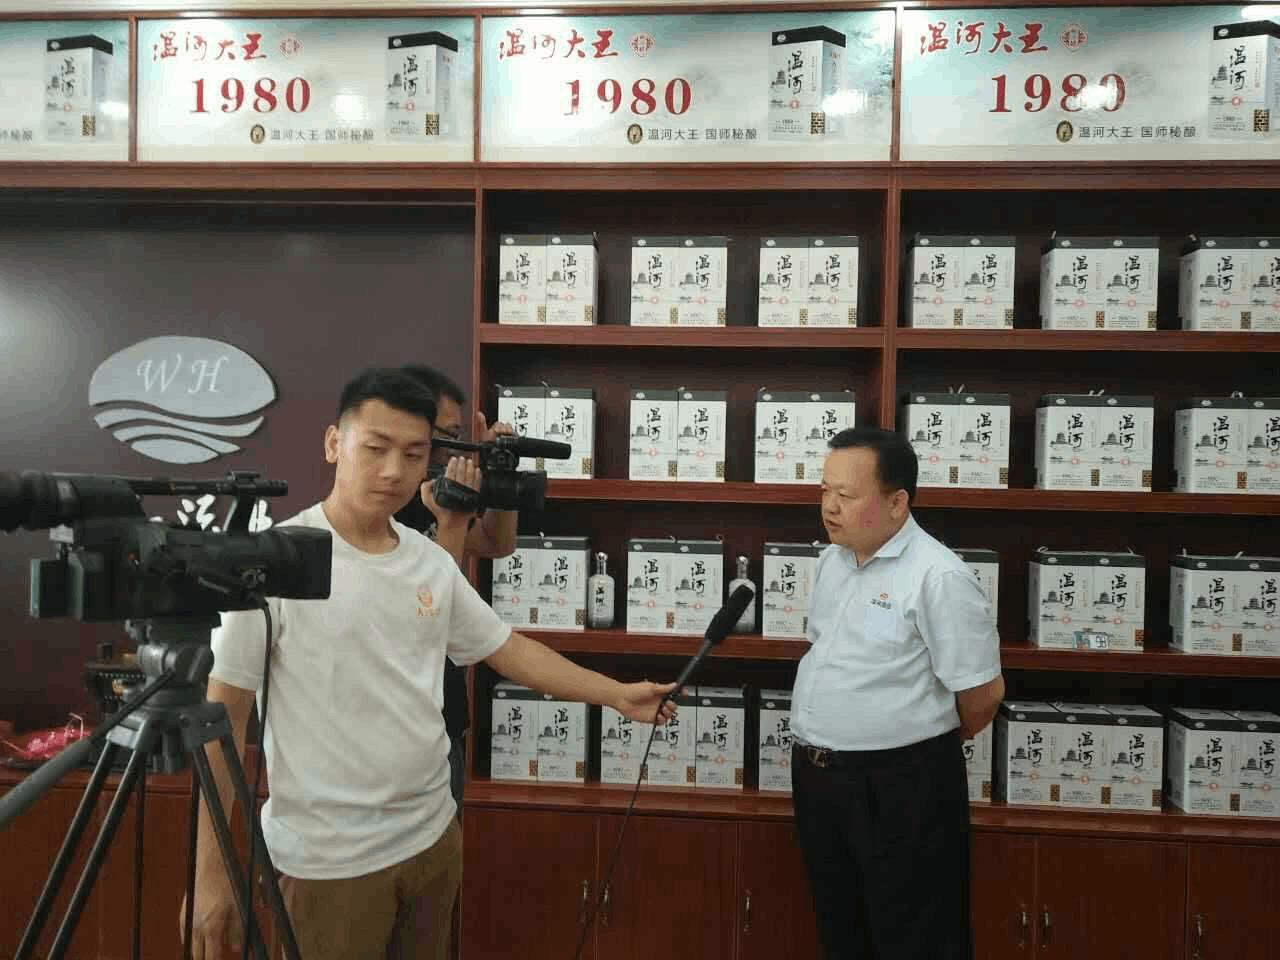 """一杯美酒,敬伟人! """"温河秘酿1980""""隆重上市"""